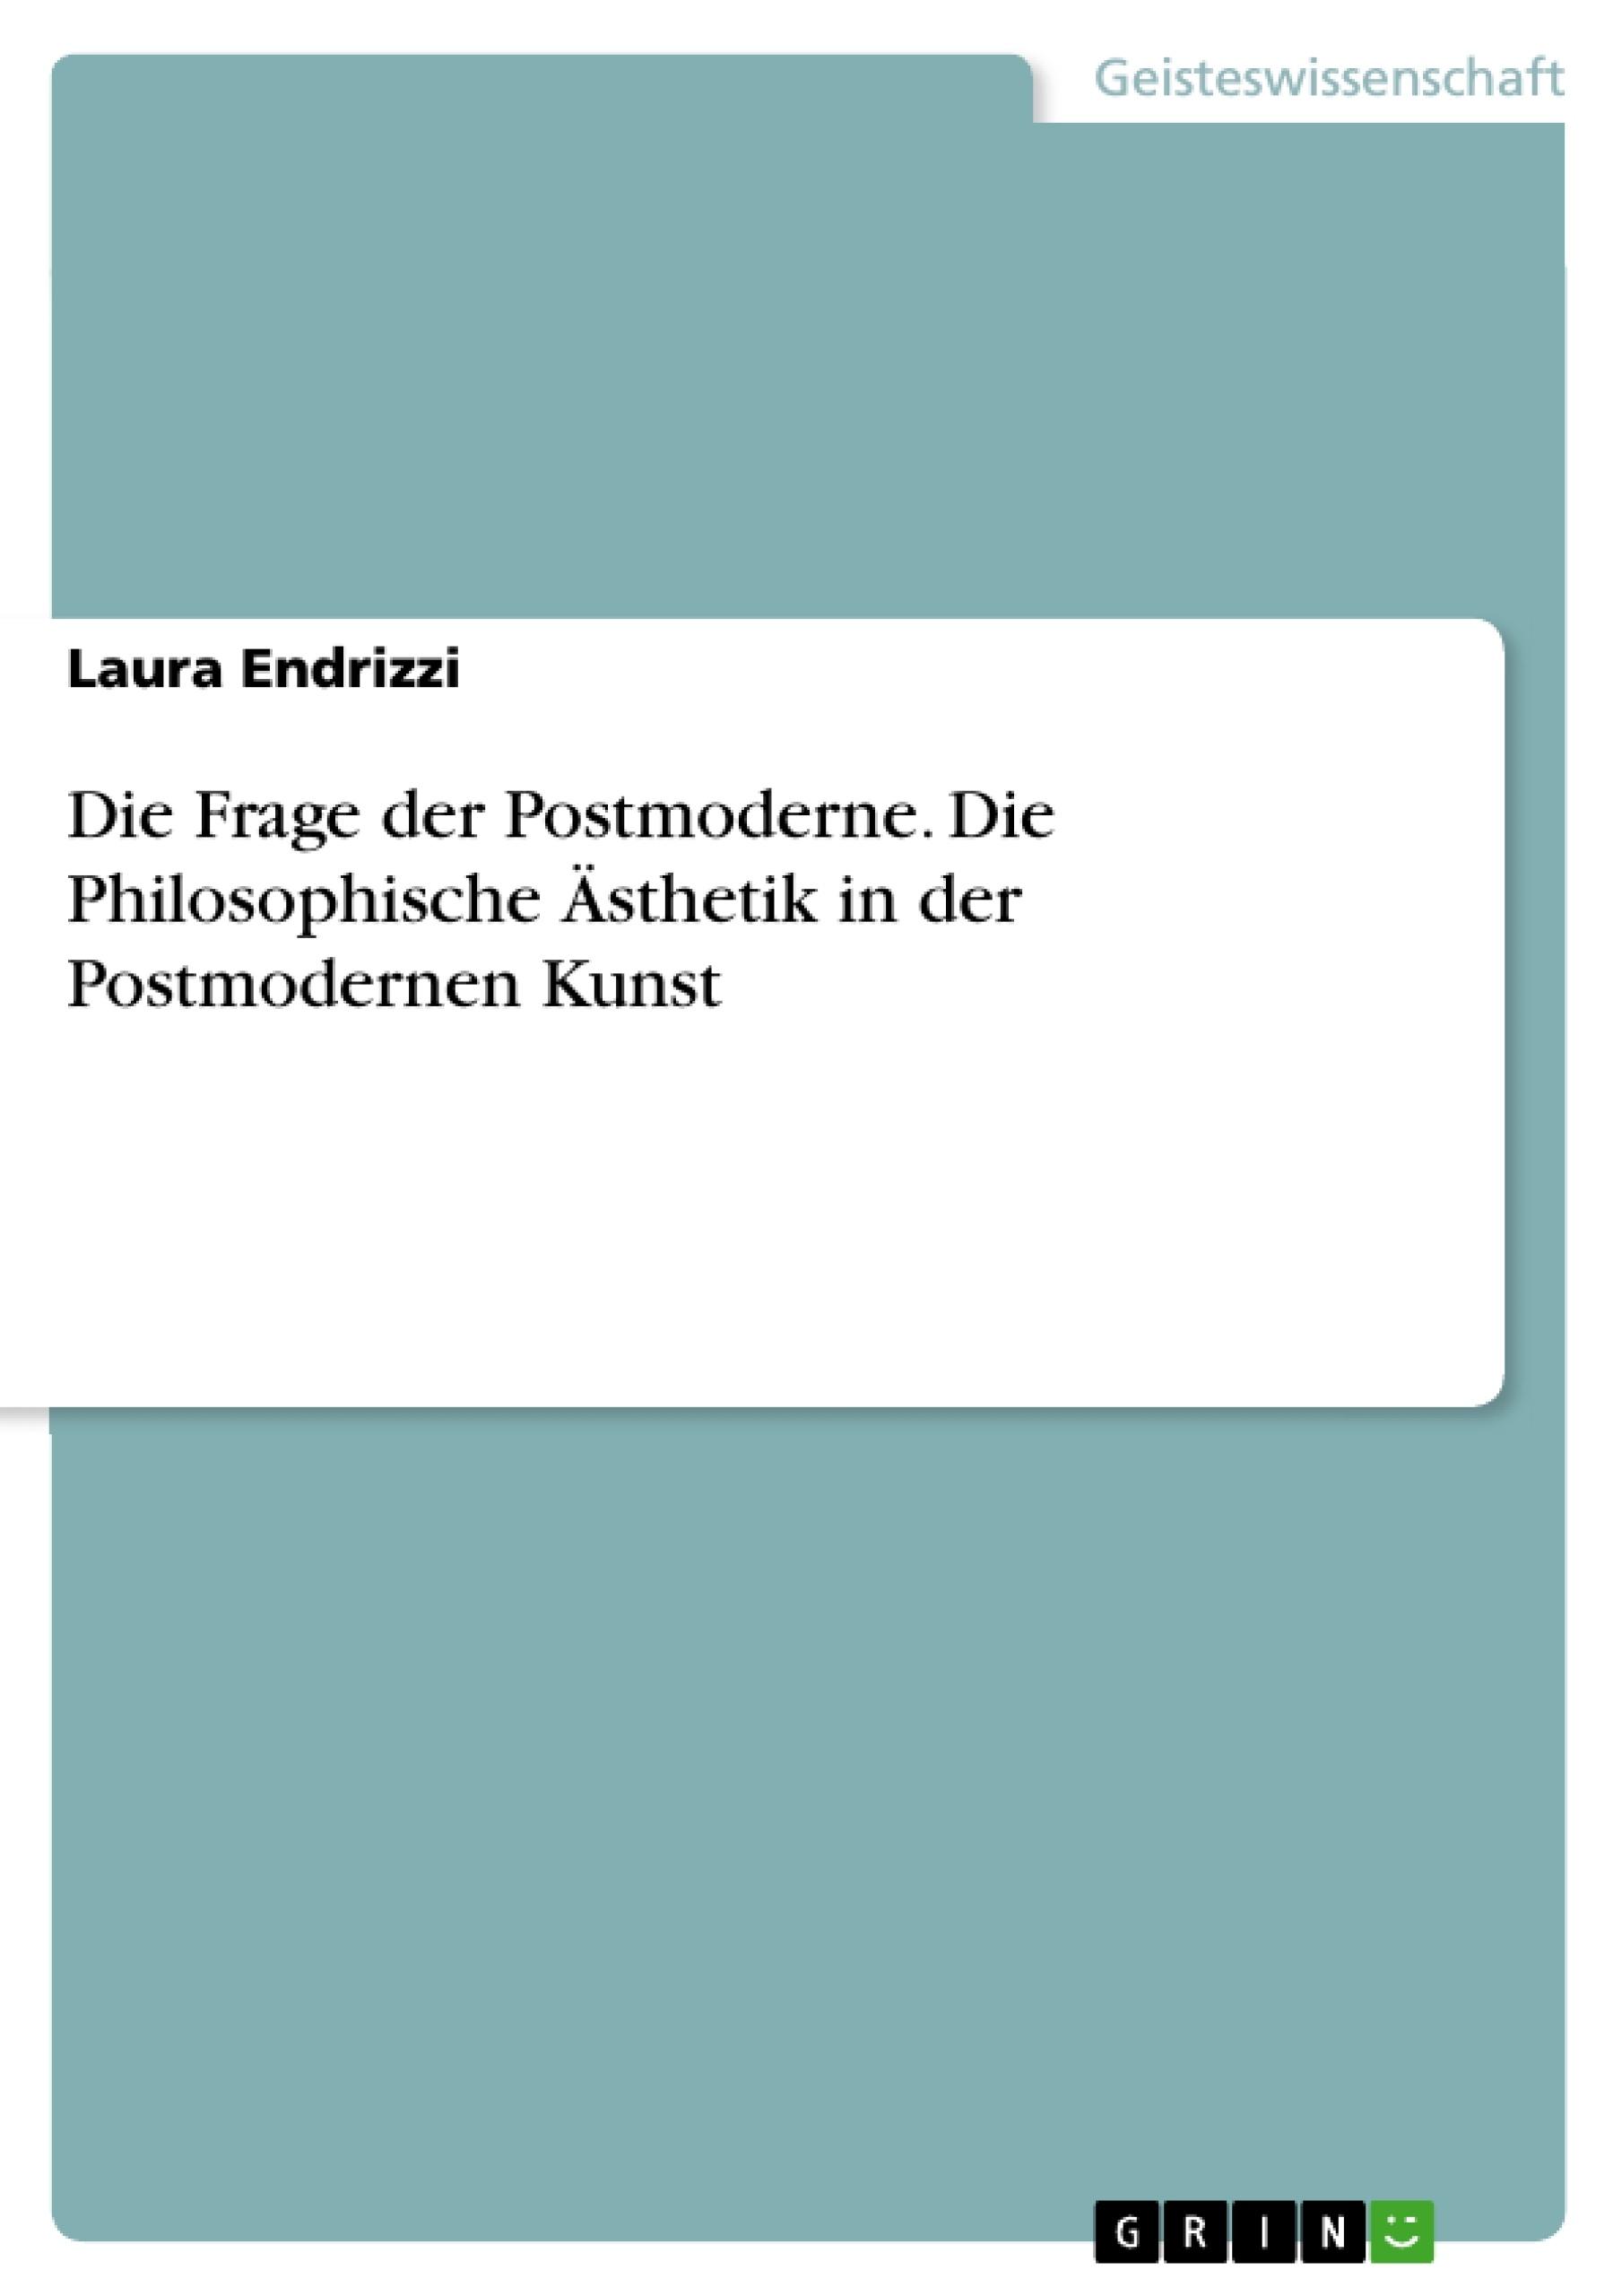 Titel: Die Frage der Postmoderne. Die Philosophische Ästhetik in der Postmodernen Kunst